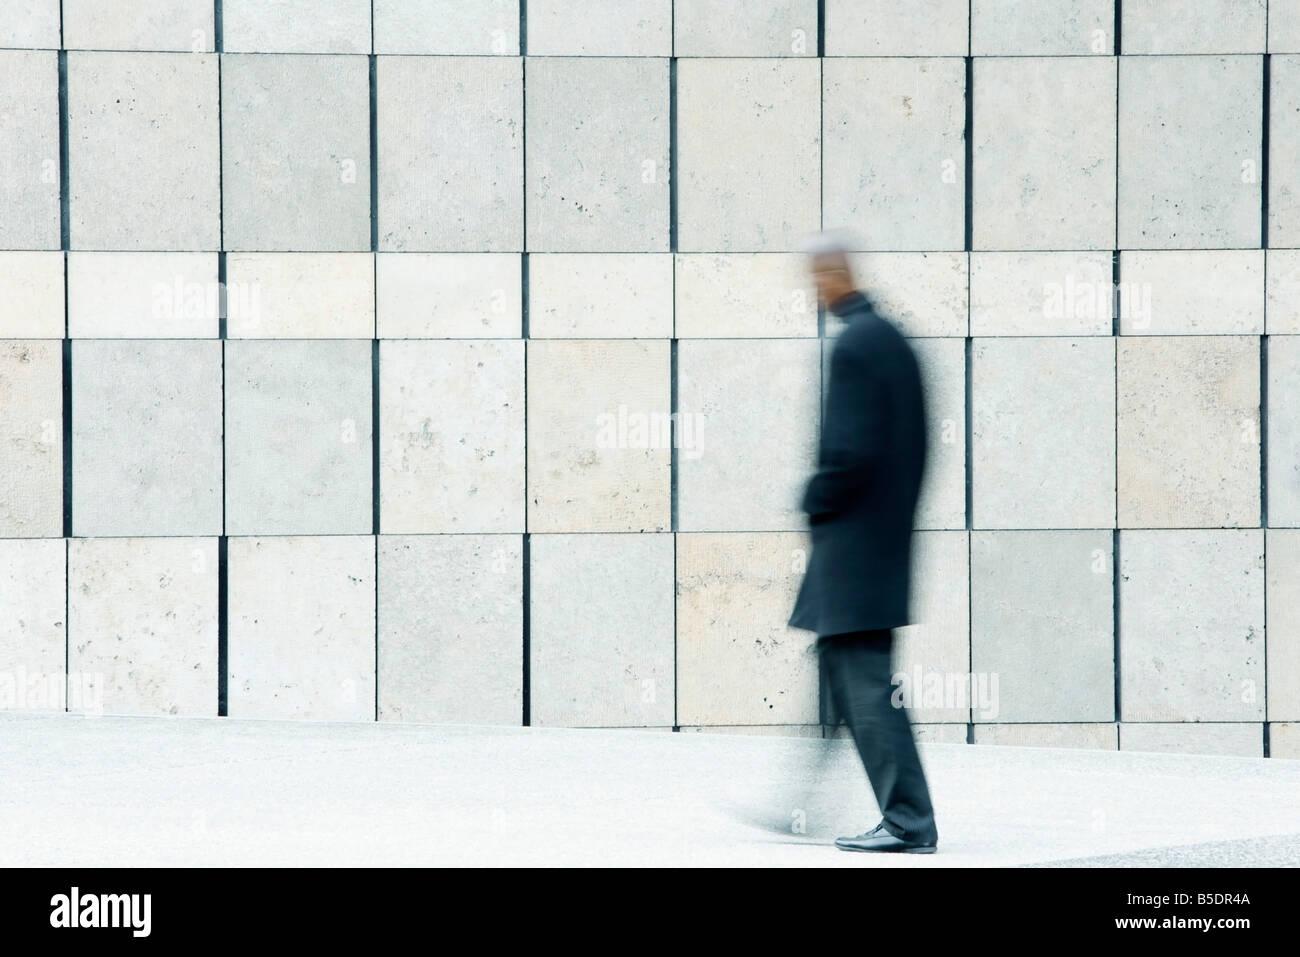 Man walking on sidewalk - Stock Image